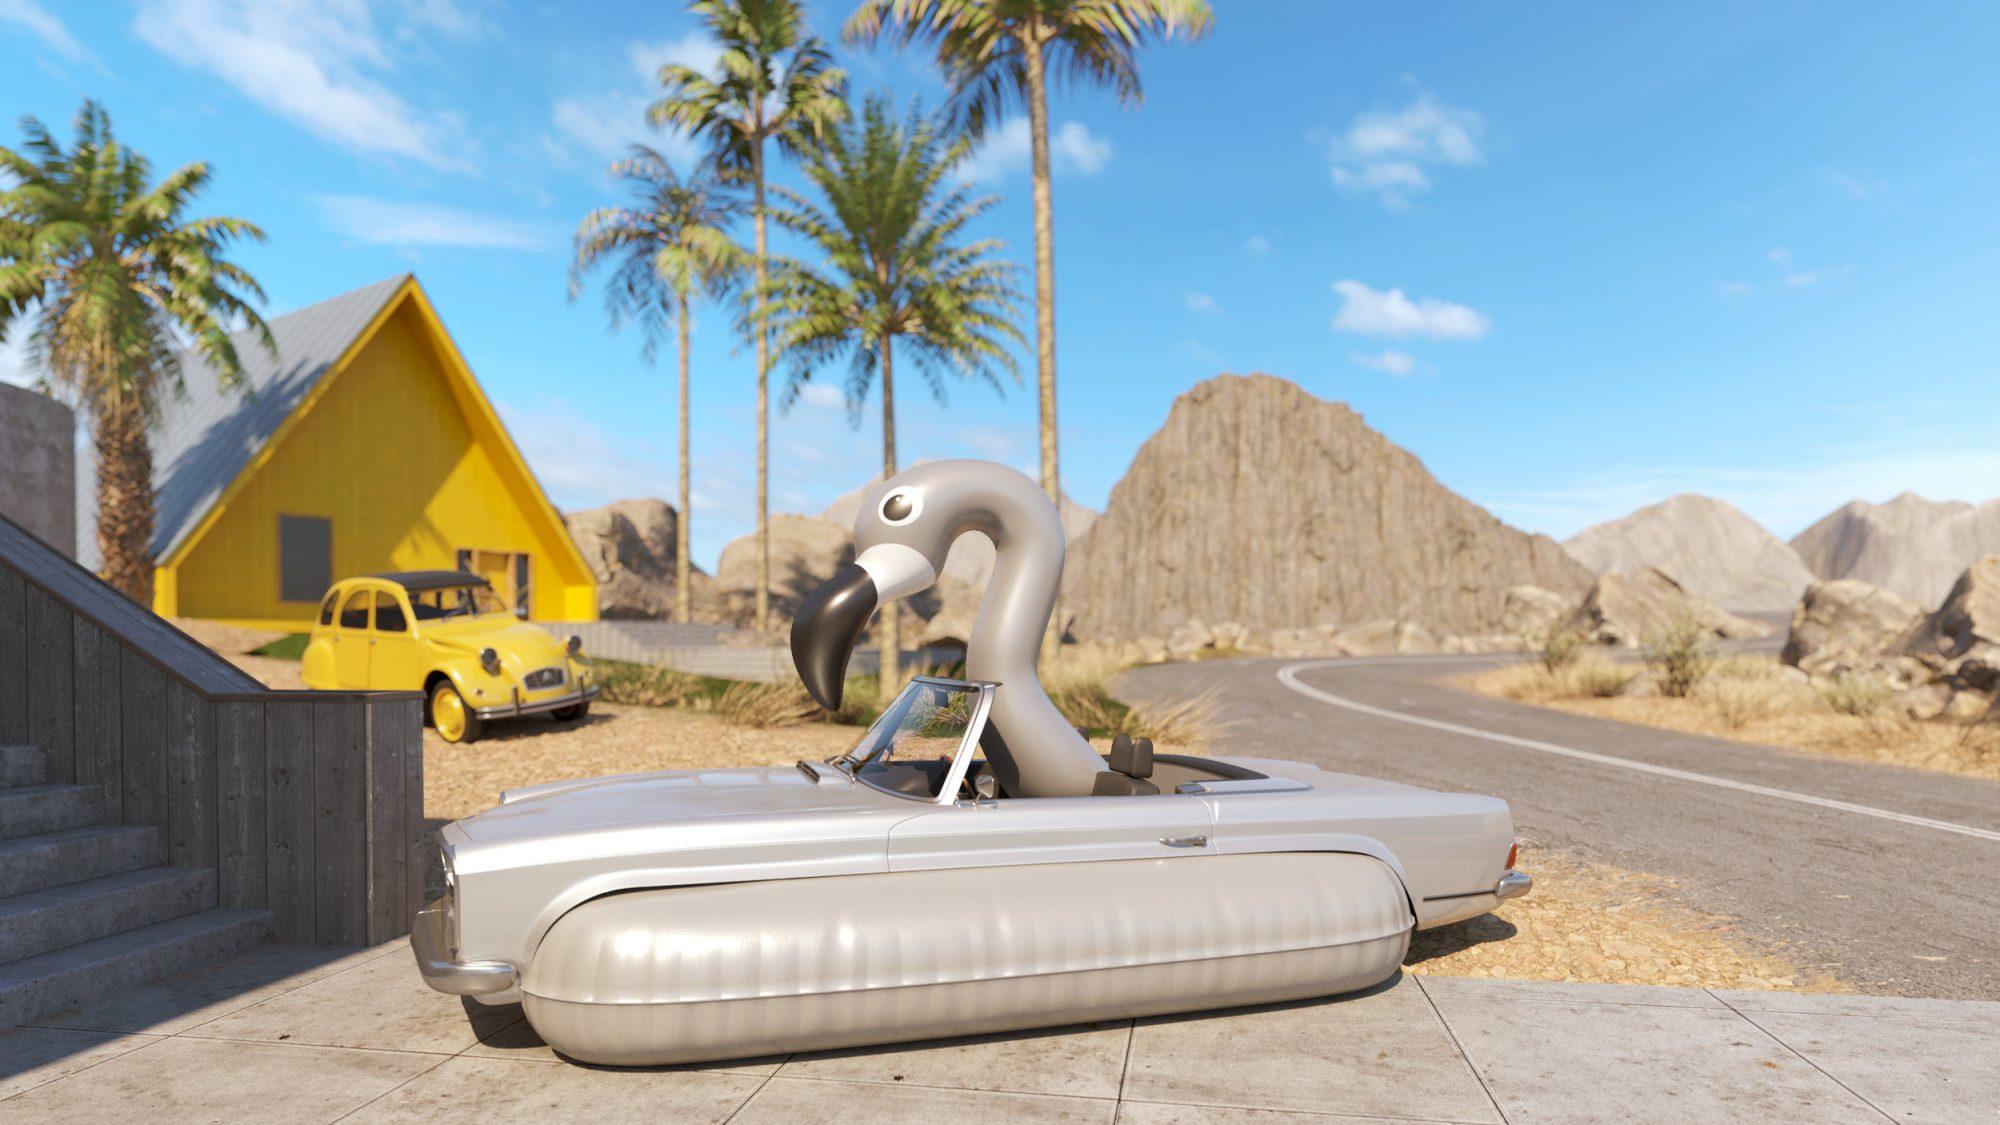 Pour le plaisir, il transforme les voitures en grosses bouées de piscine